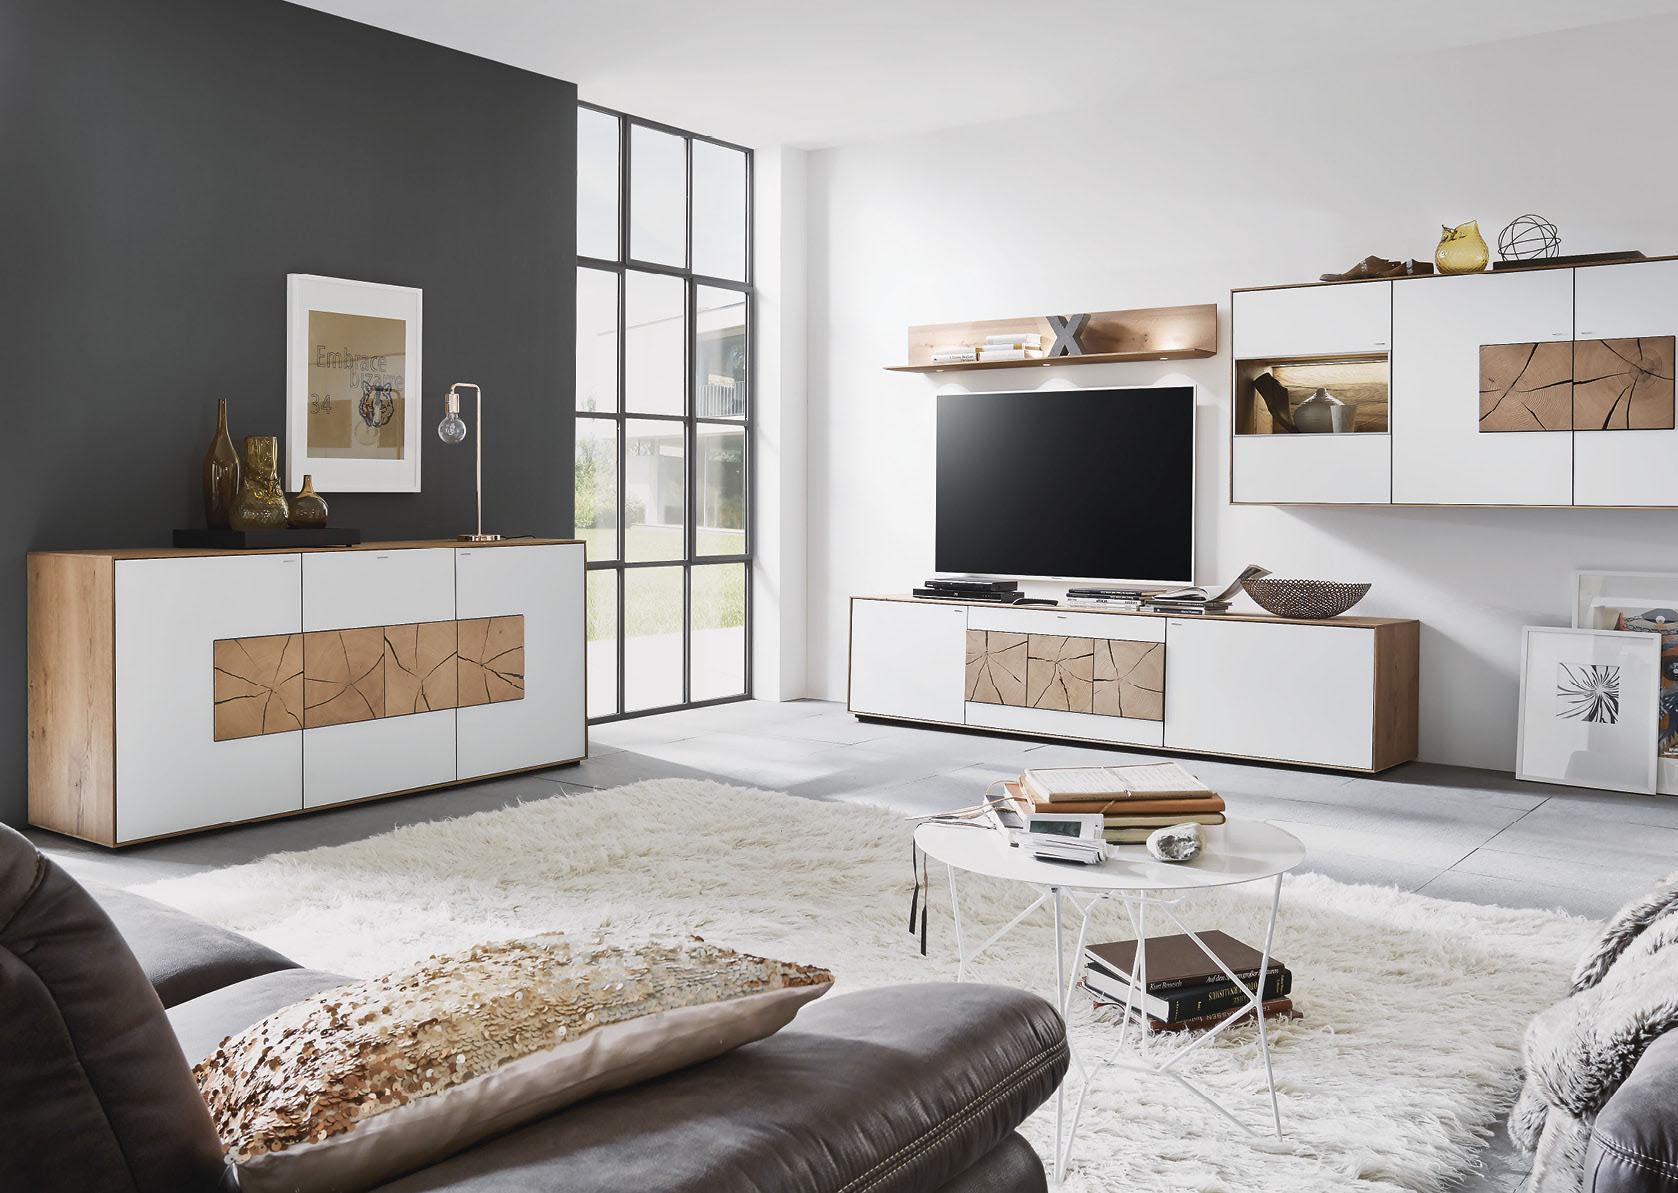 wohnw nde m bel bohn gmbh in hilchenbach m sen. Black Bedroom Furniture Sets. Home Design Ideas